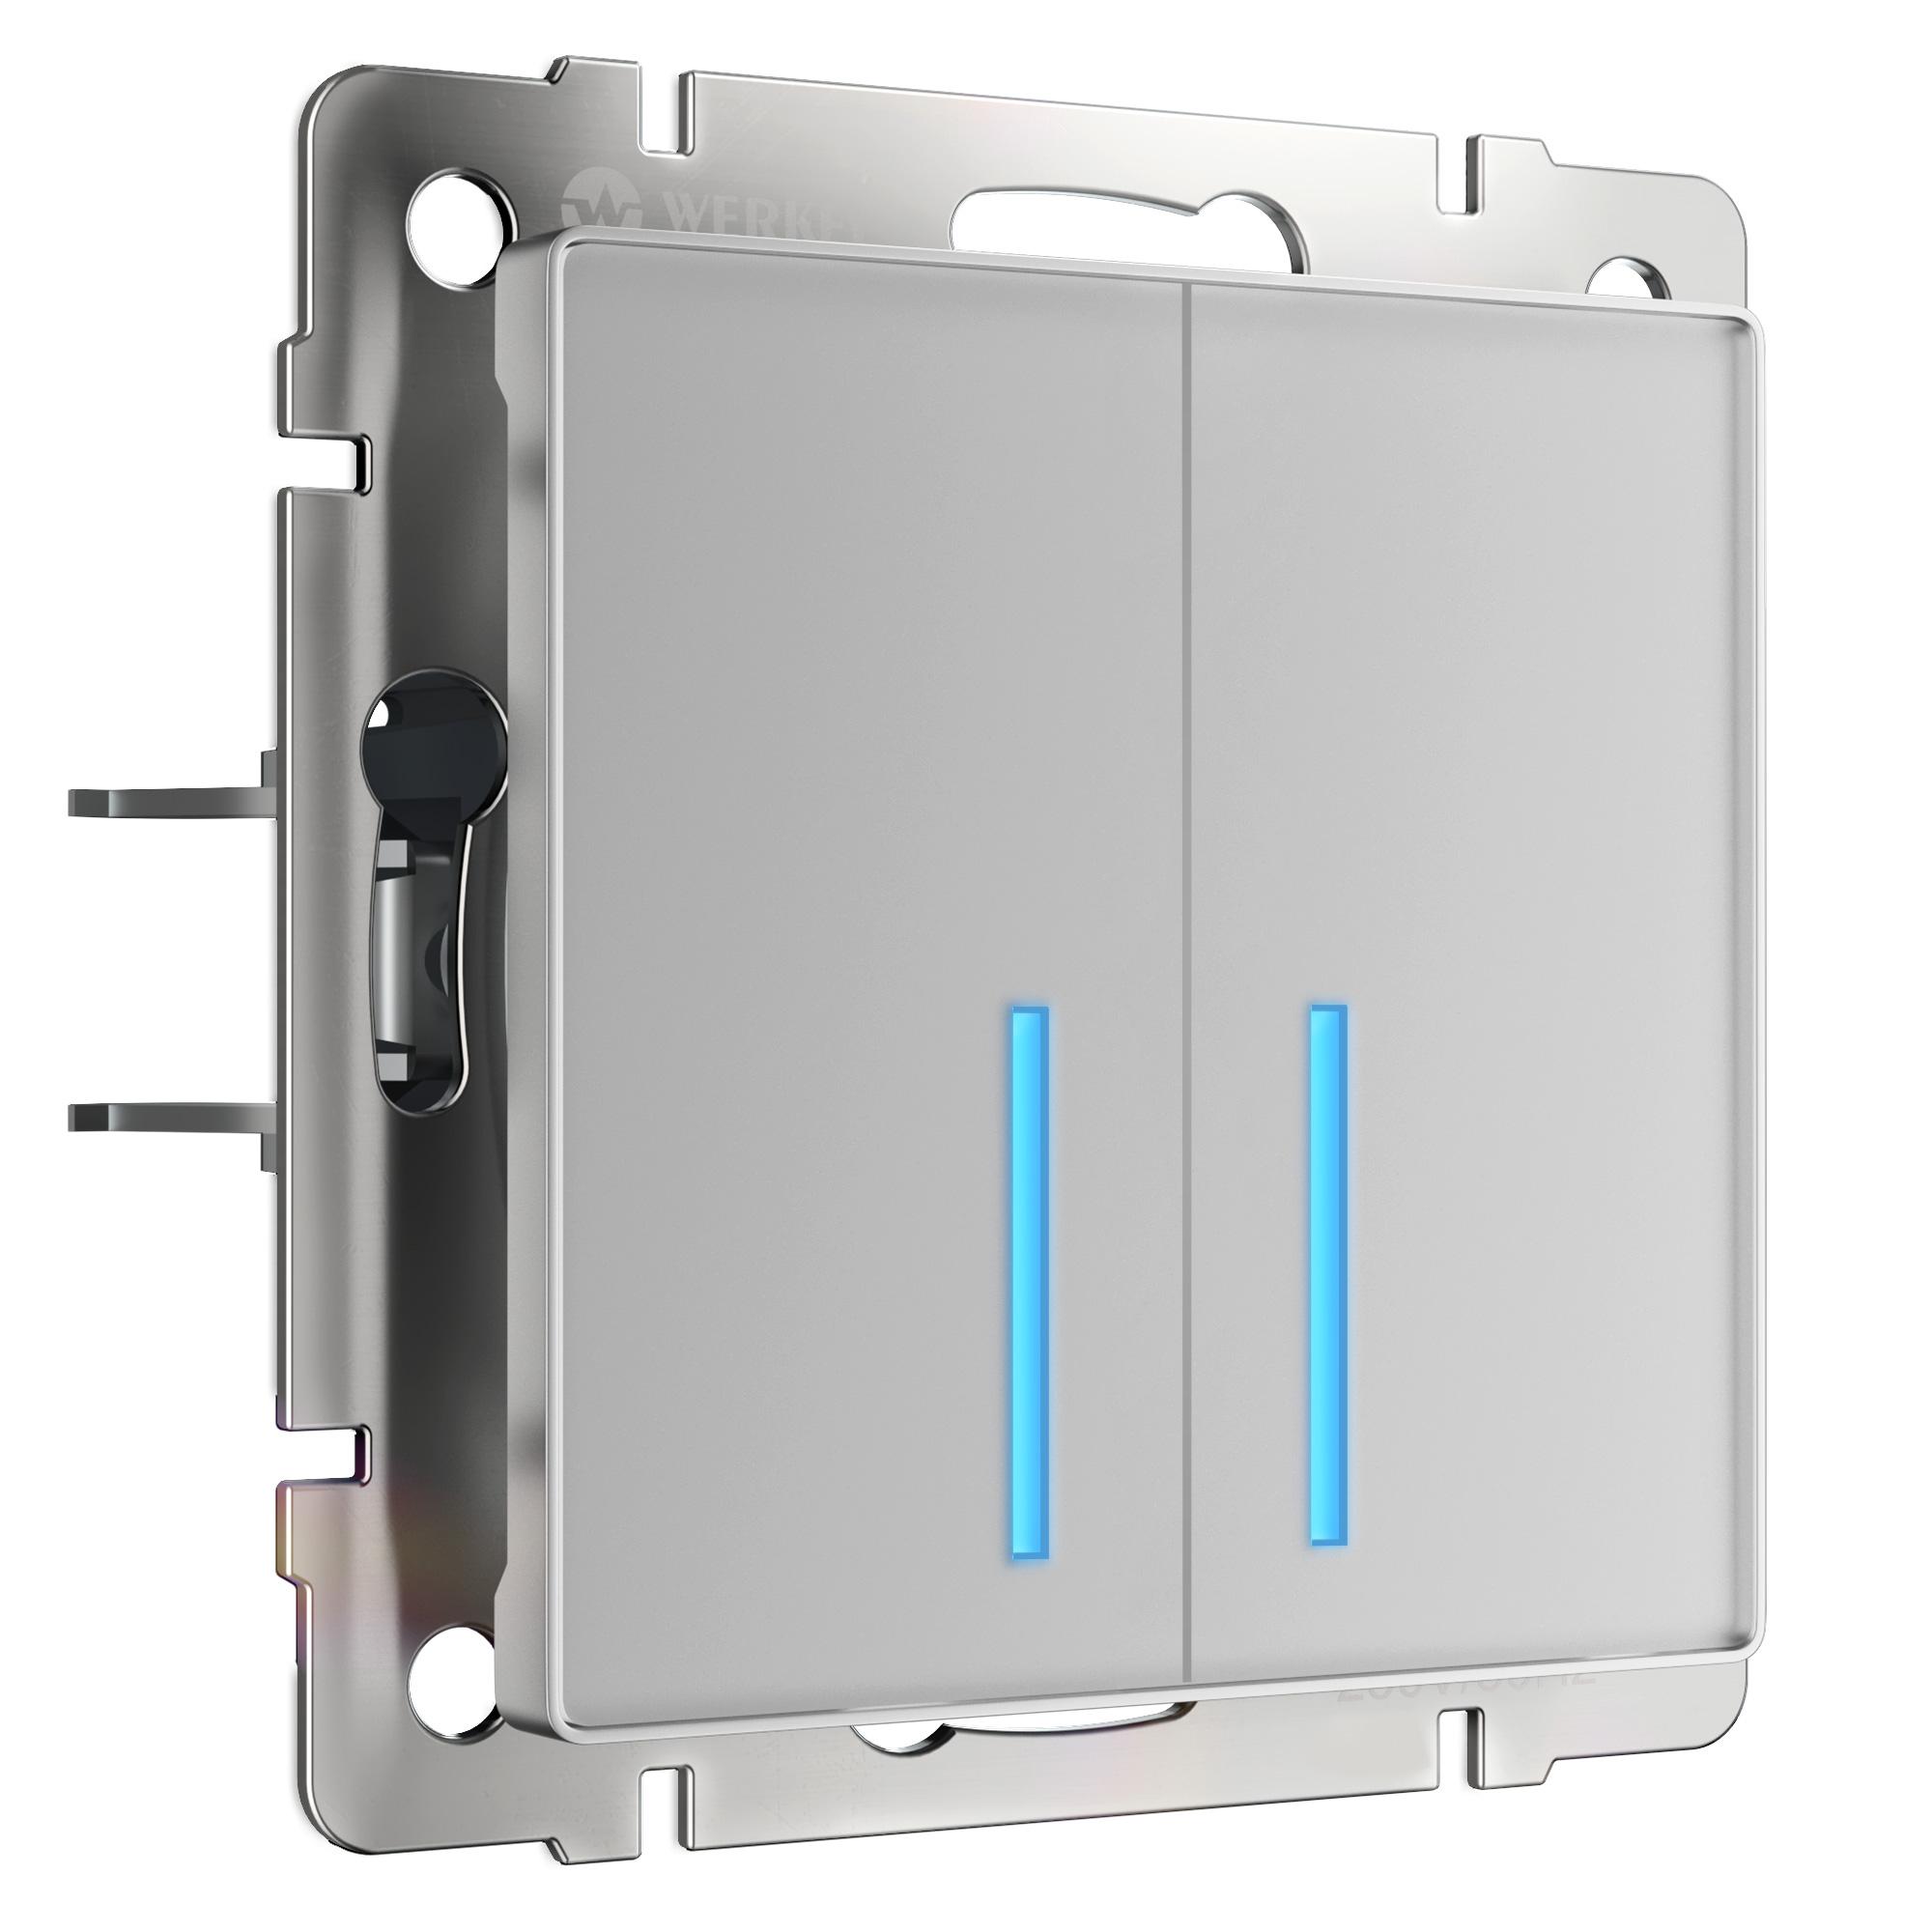 Сенсорный выключатель двухклавишный с подсветкой (серебряный) W4520106